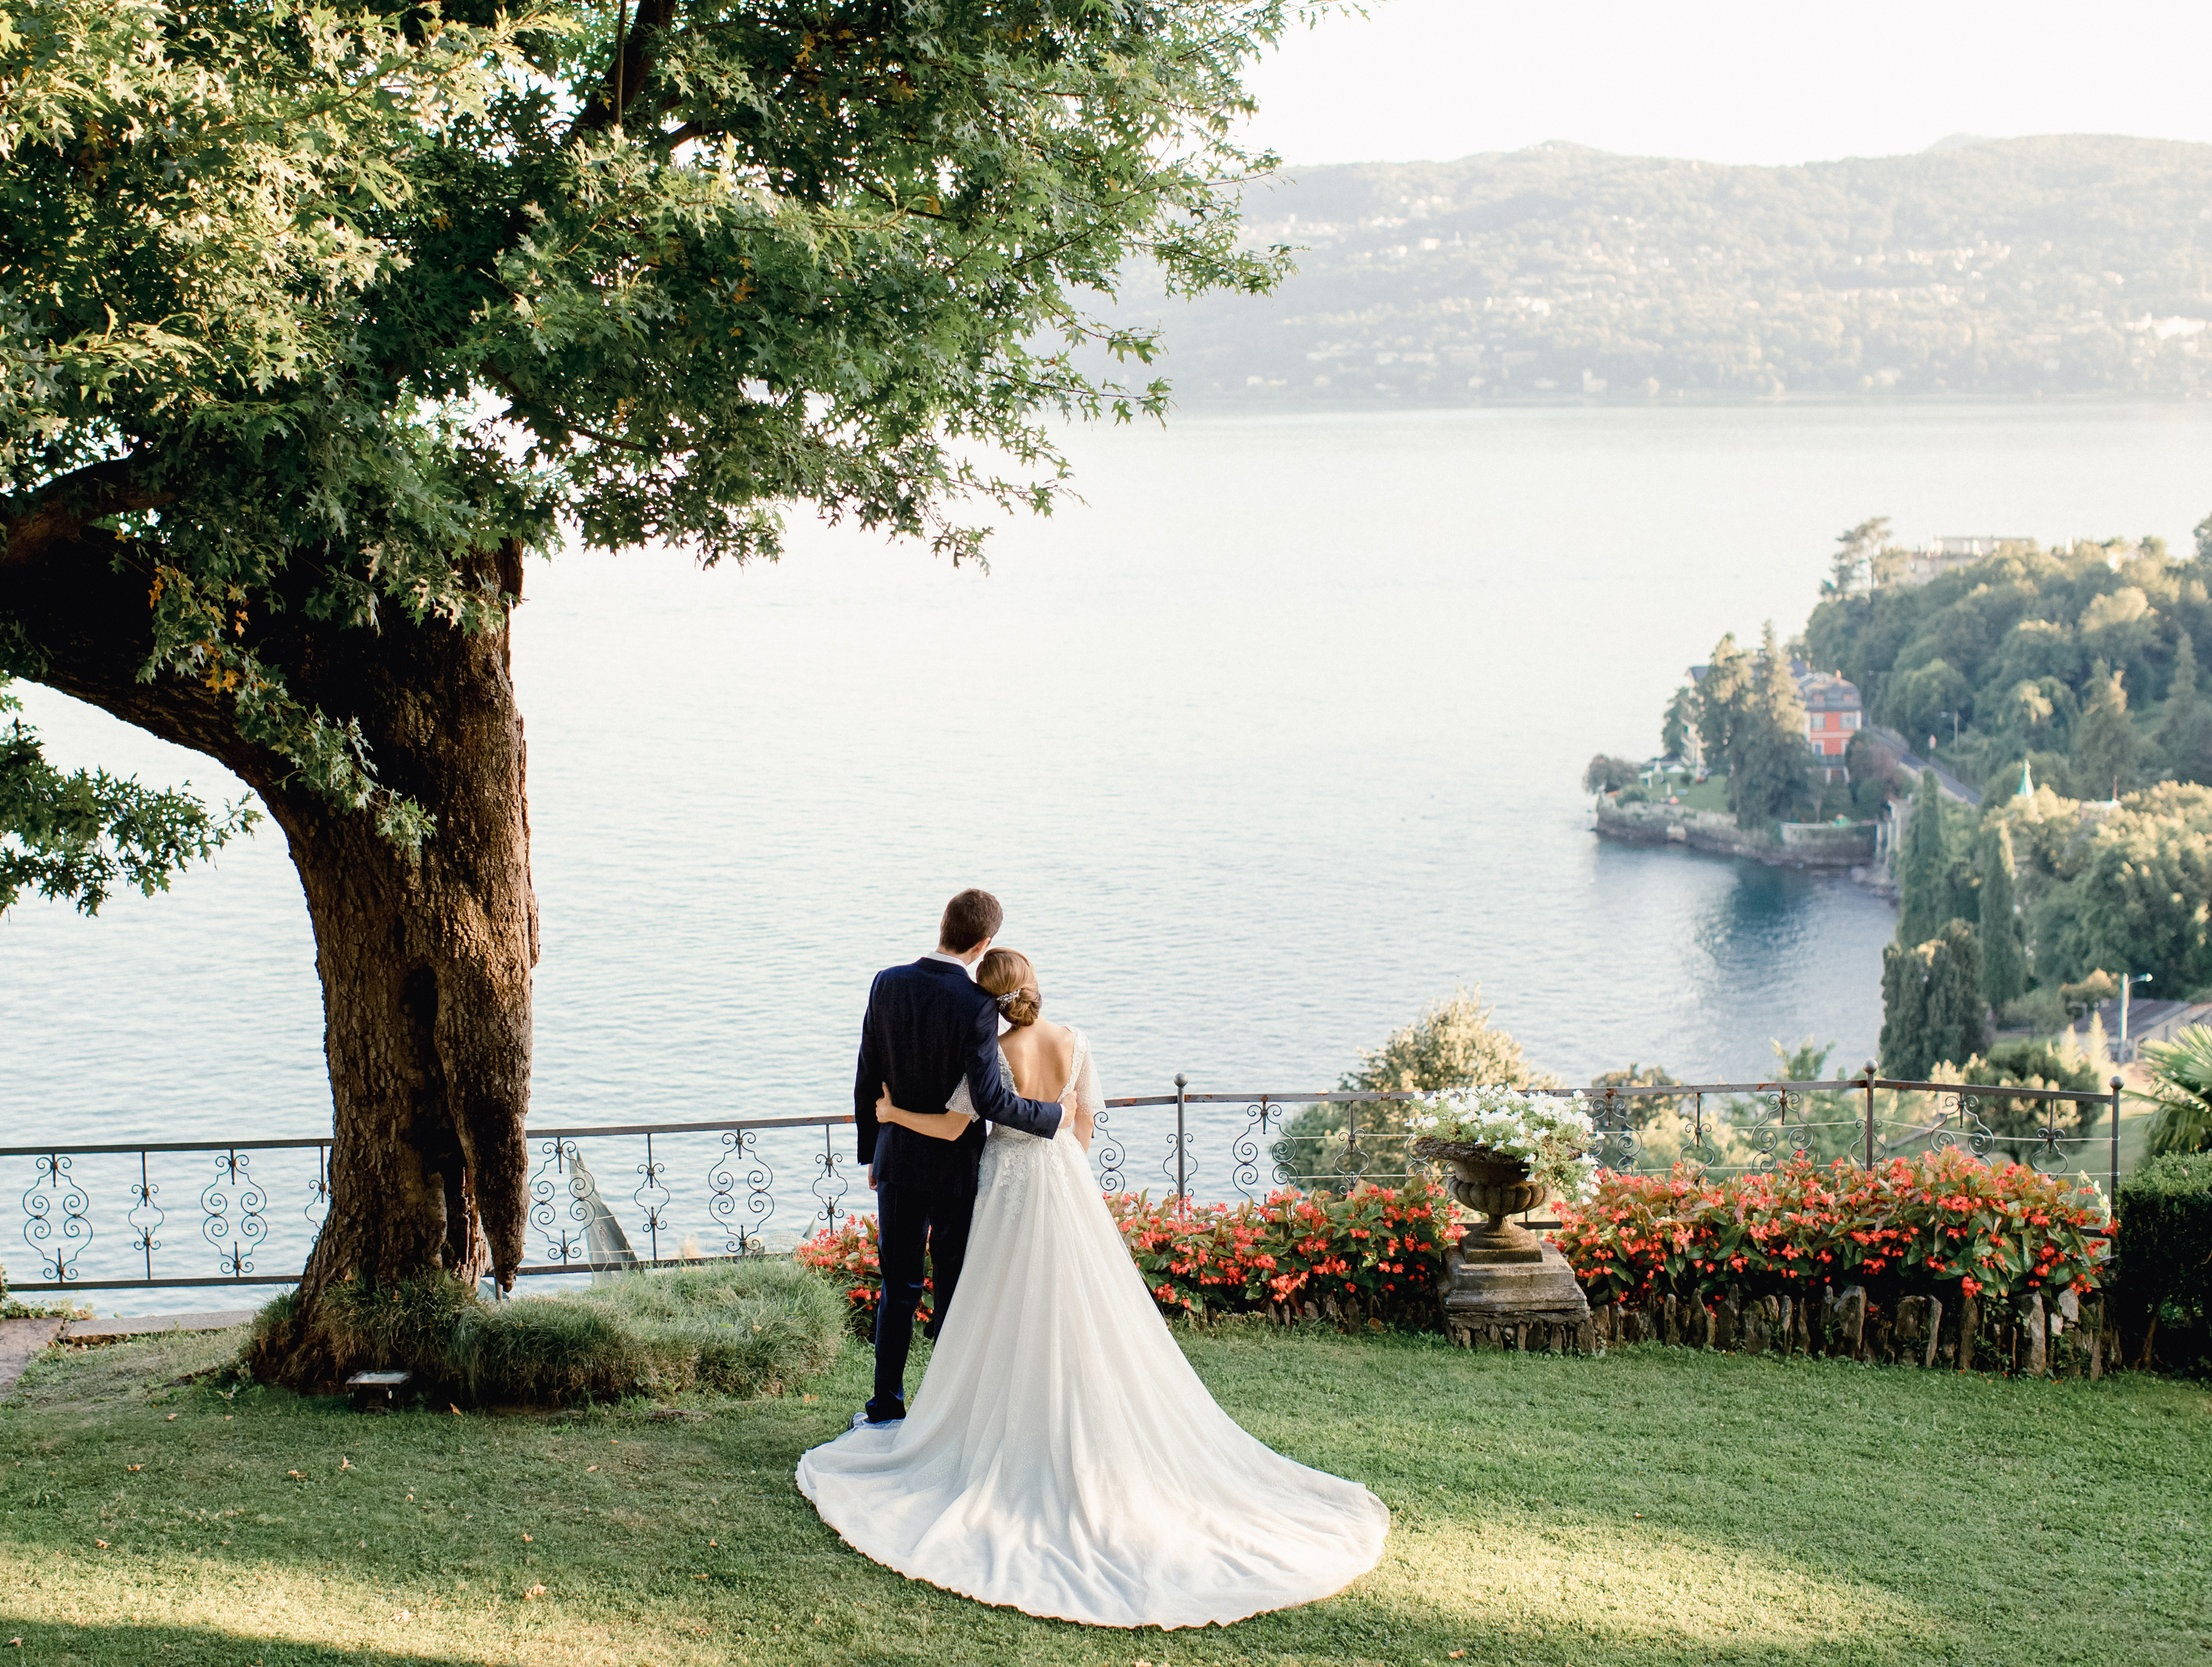 170822-416-Marina-Fadeeva-wedding-photographer.jpg